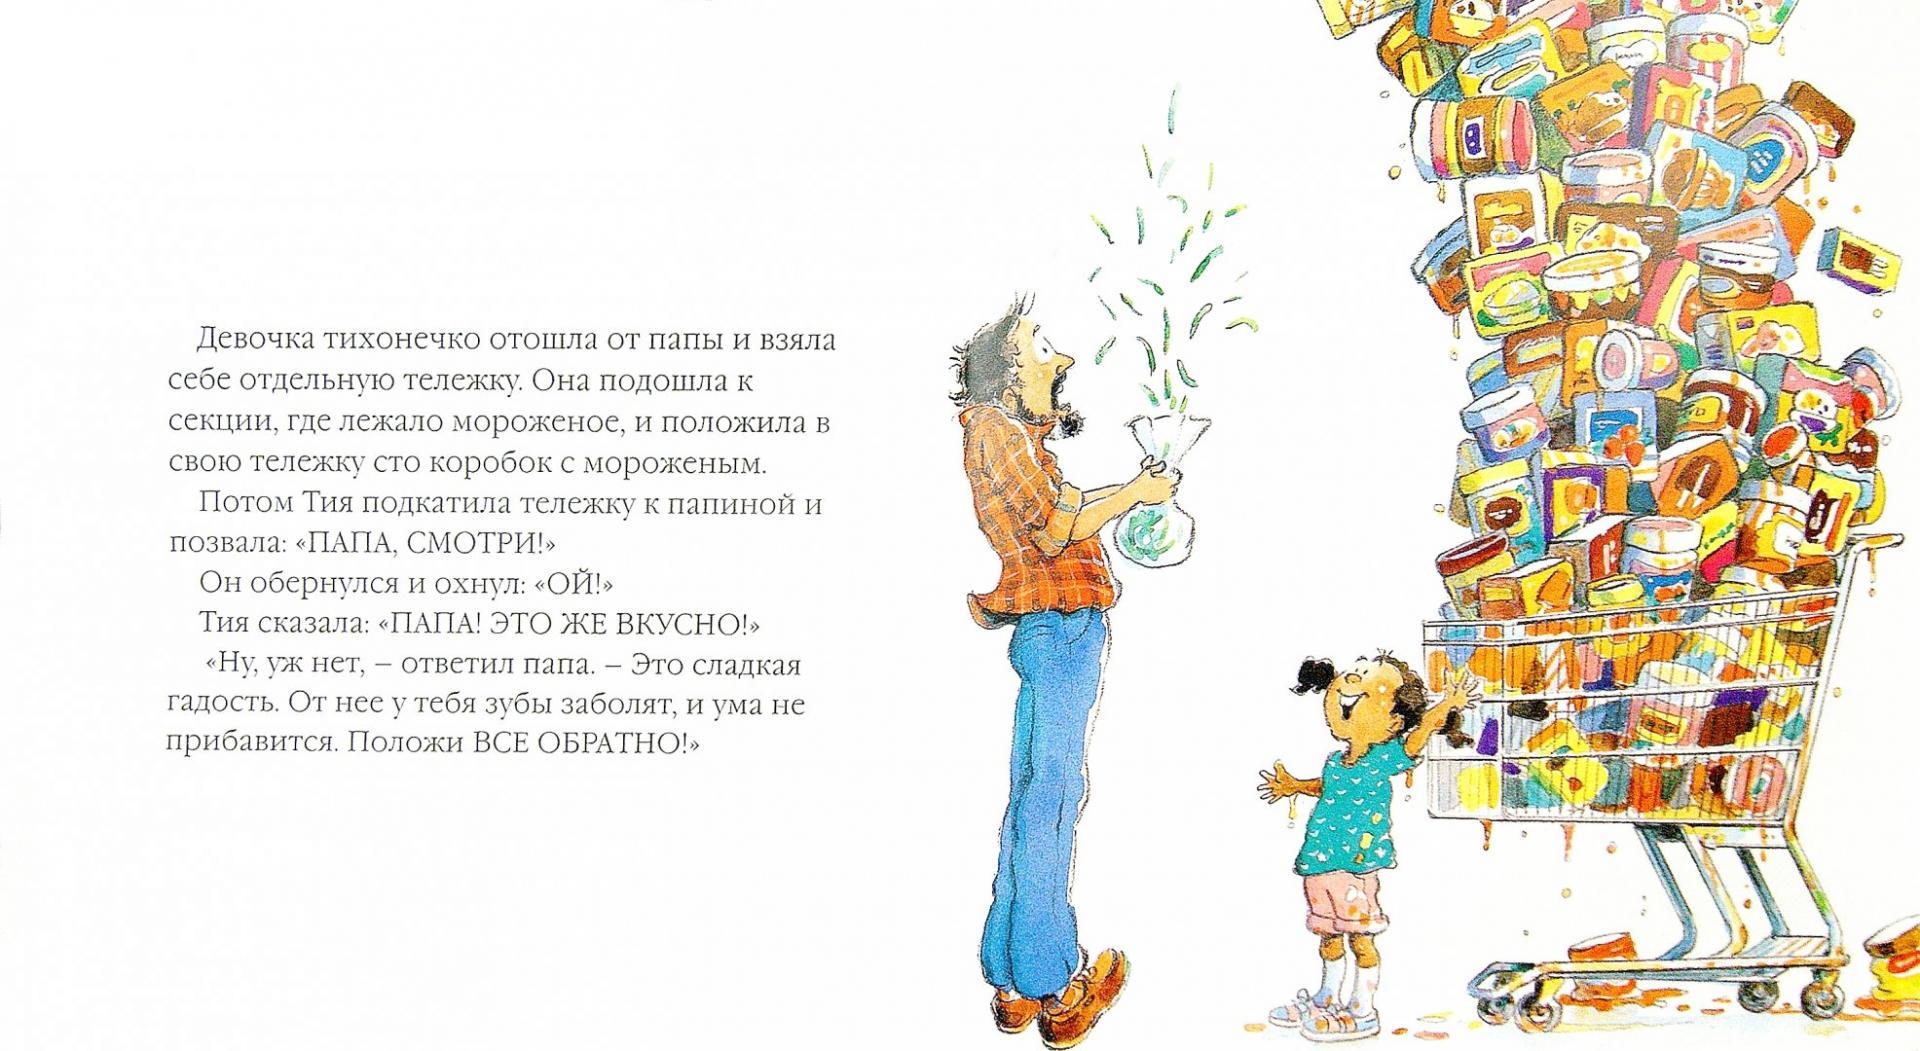 Иллюстрация 1 из 8 для Хоть что-то хорошенькое - Роберт Манч | Лабиринт - книги. Источник: Лабиринт